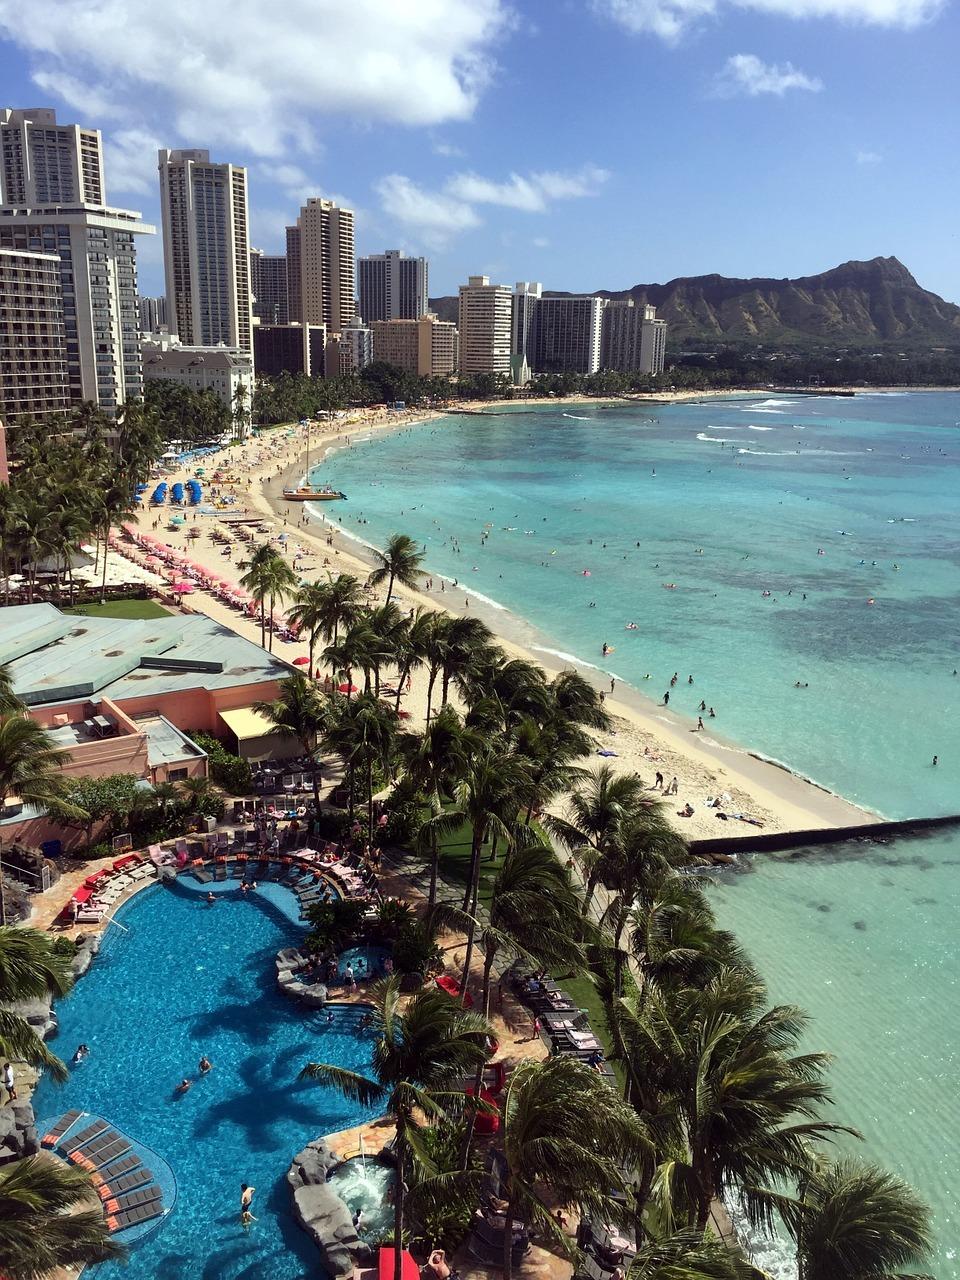 ハワイのお土産といえばコレ!定番のお菓子やおしゃれアイテムをご紹介!